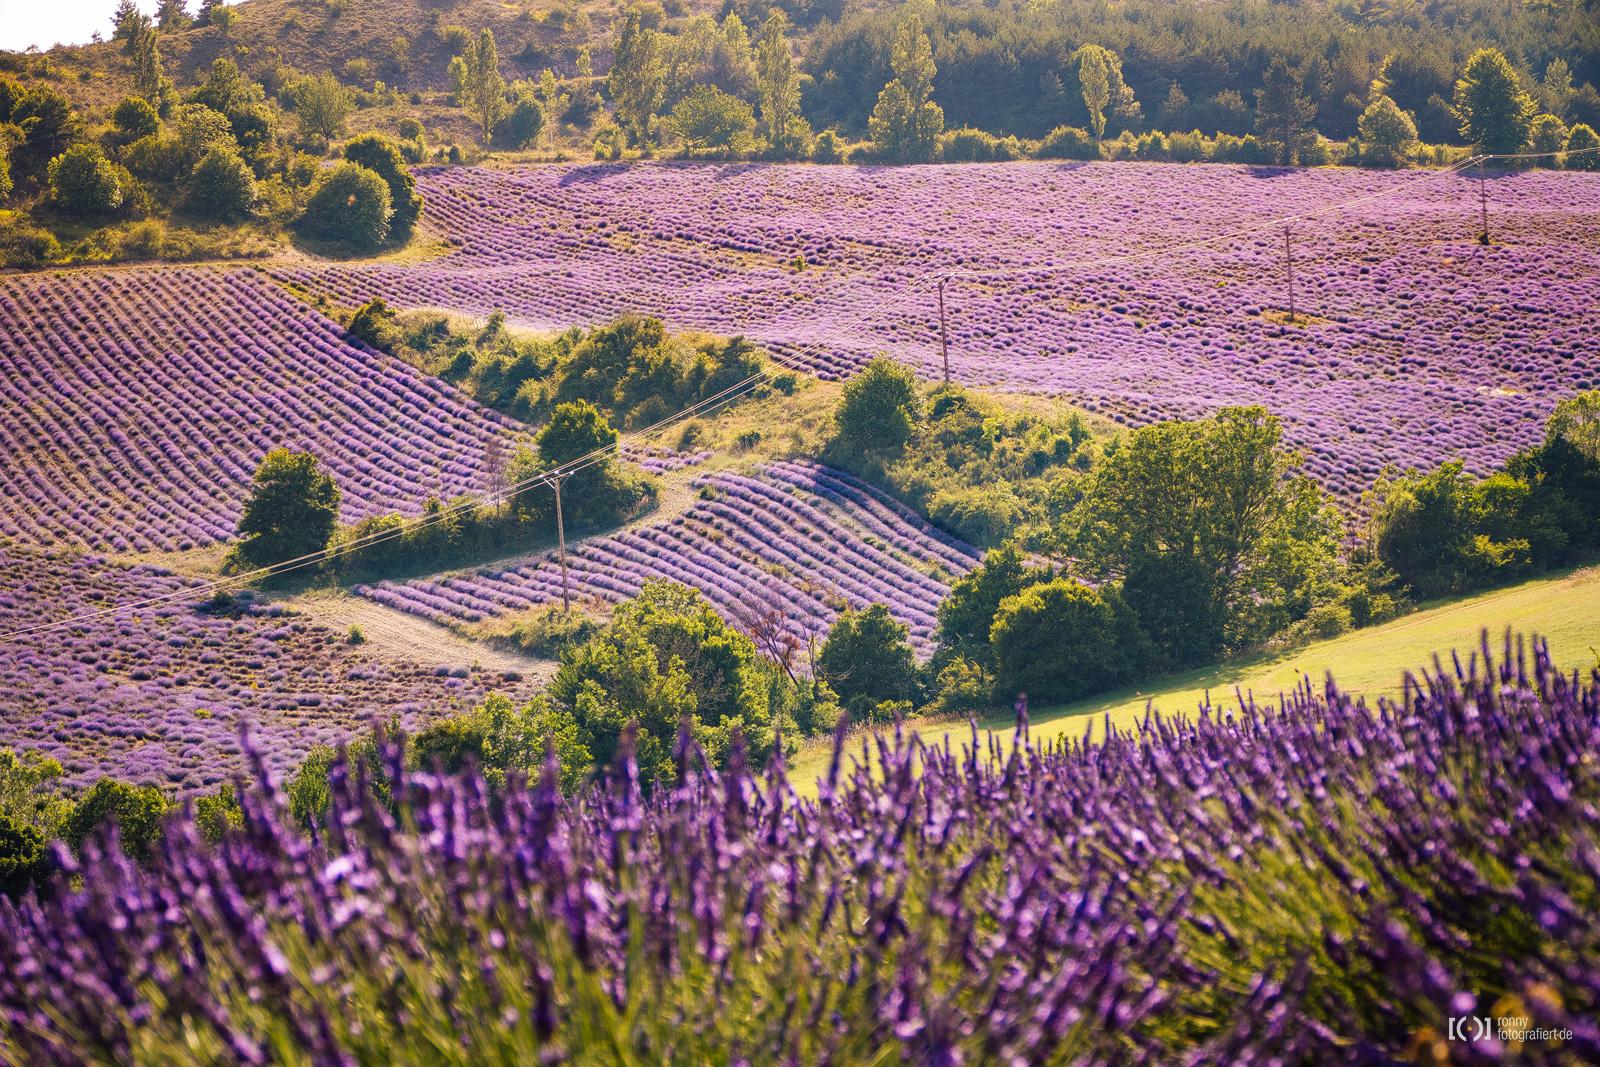 Zur lavendelbl te in die provence for Lavendelfelder provence